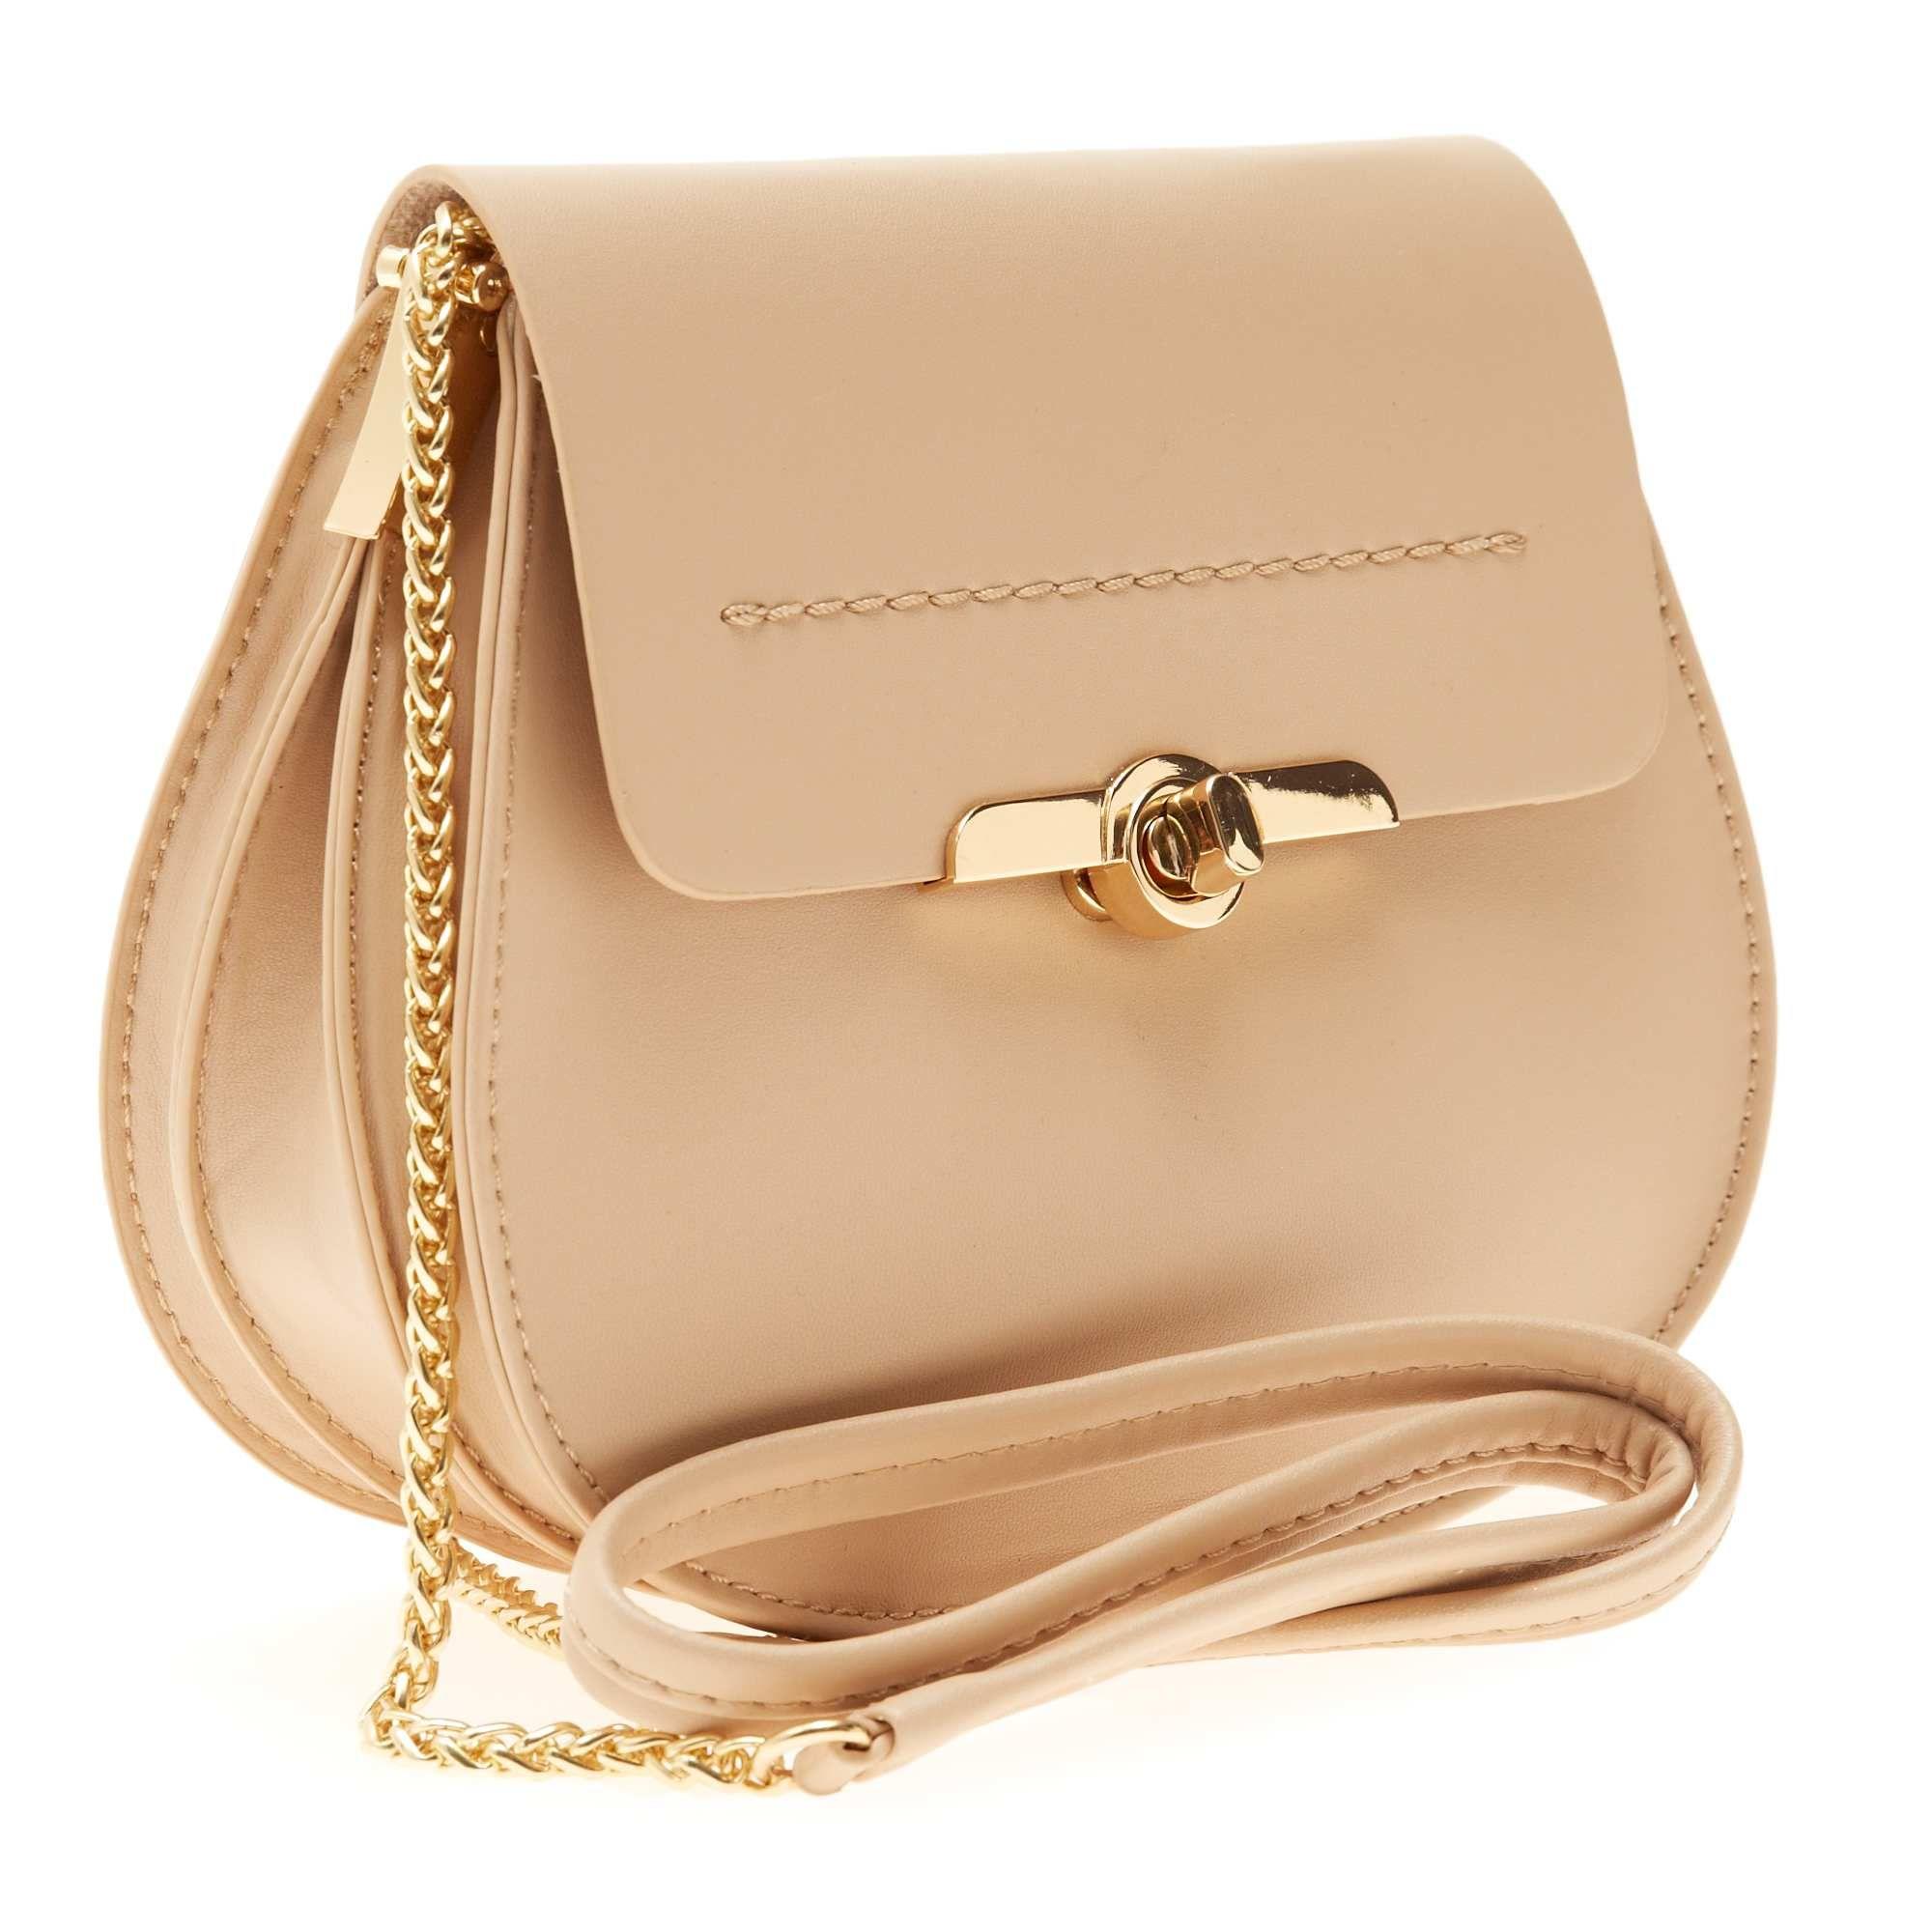 a1d1dcf0d3 Petit sac chic   IT'S IN THE BAG!!!!   Sac chic, Sac, Petit sac